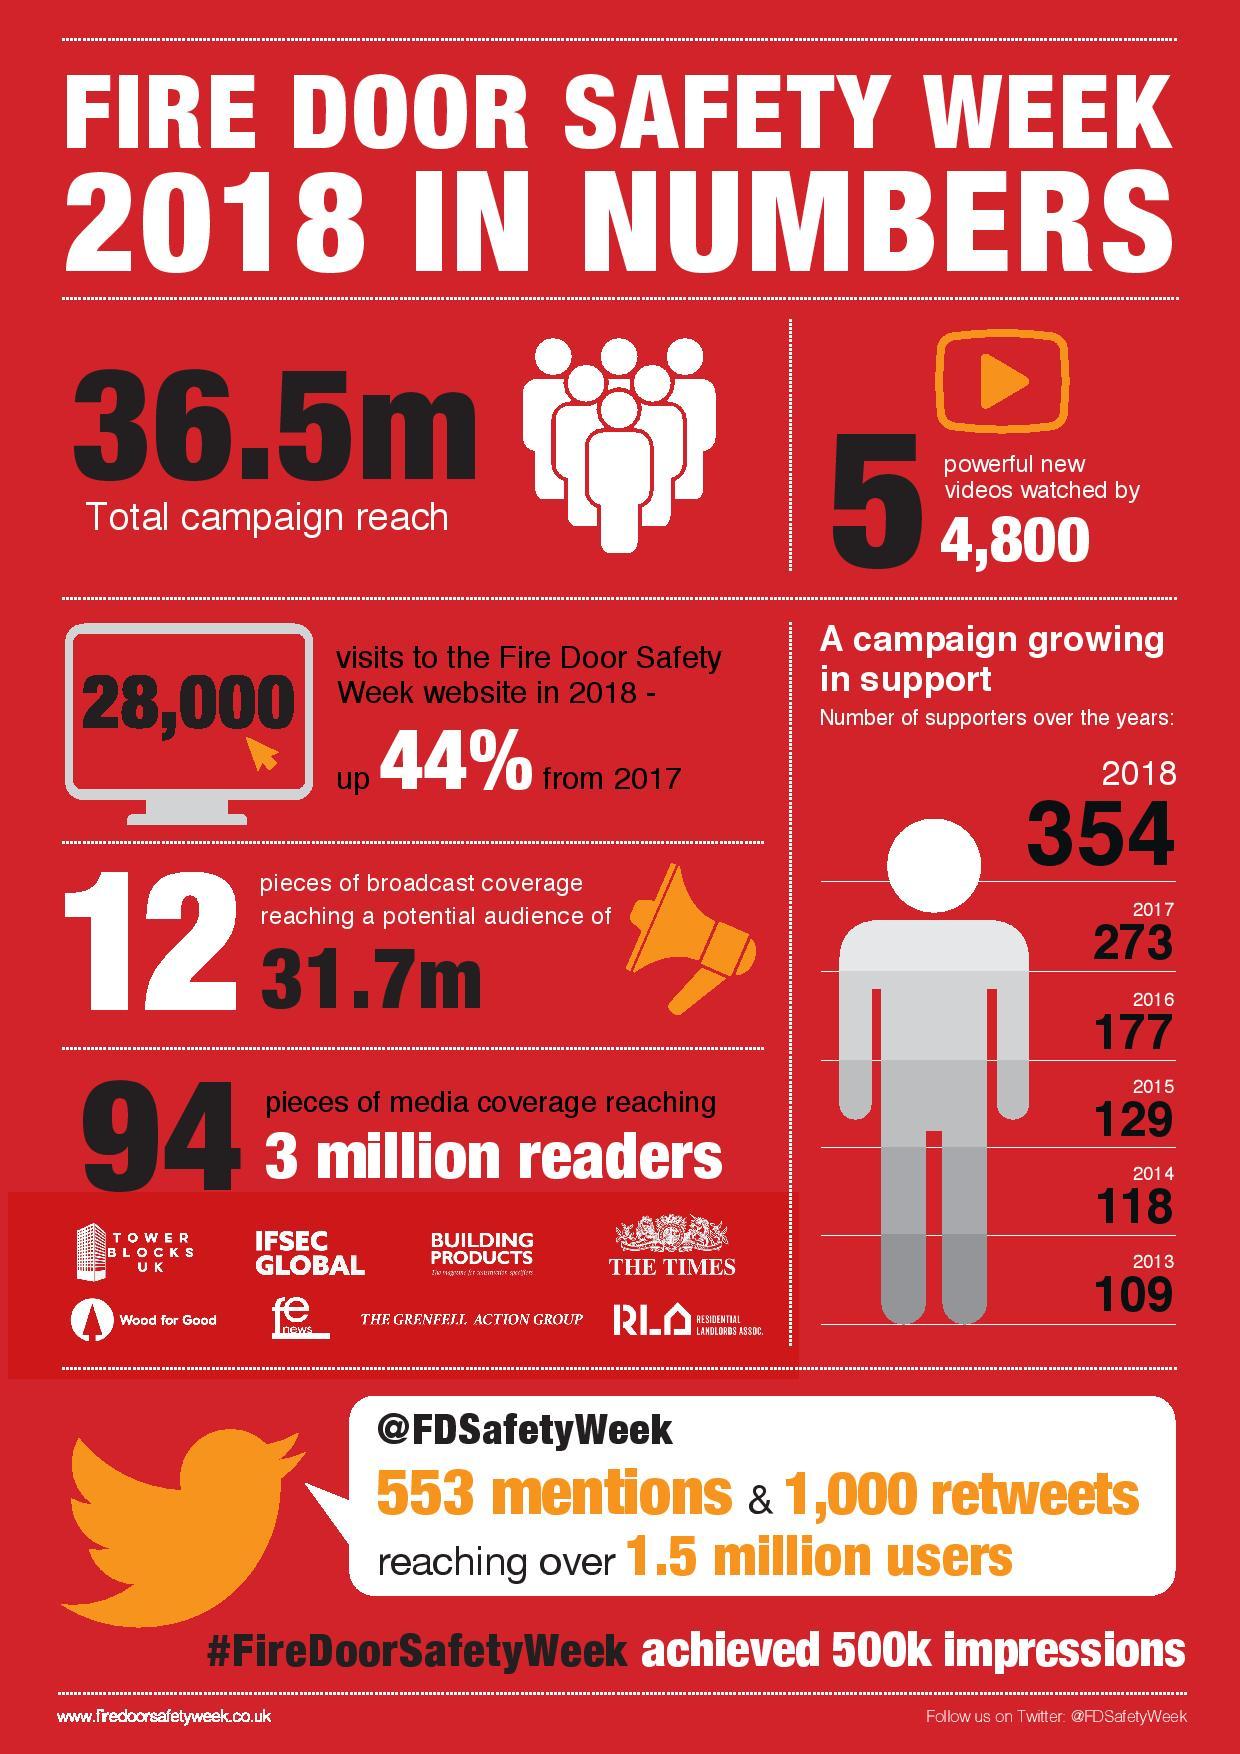 fire-door-safety-week-2018-infographic-3fdc1c5a848d883f33742b8756d4a02d9c67d18c